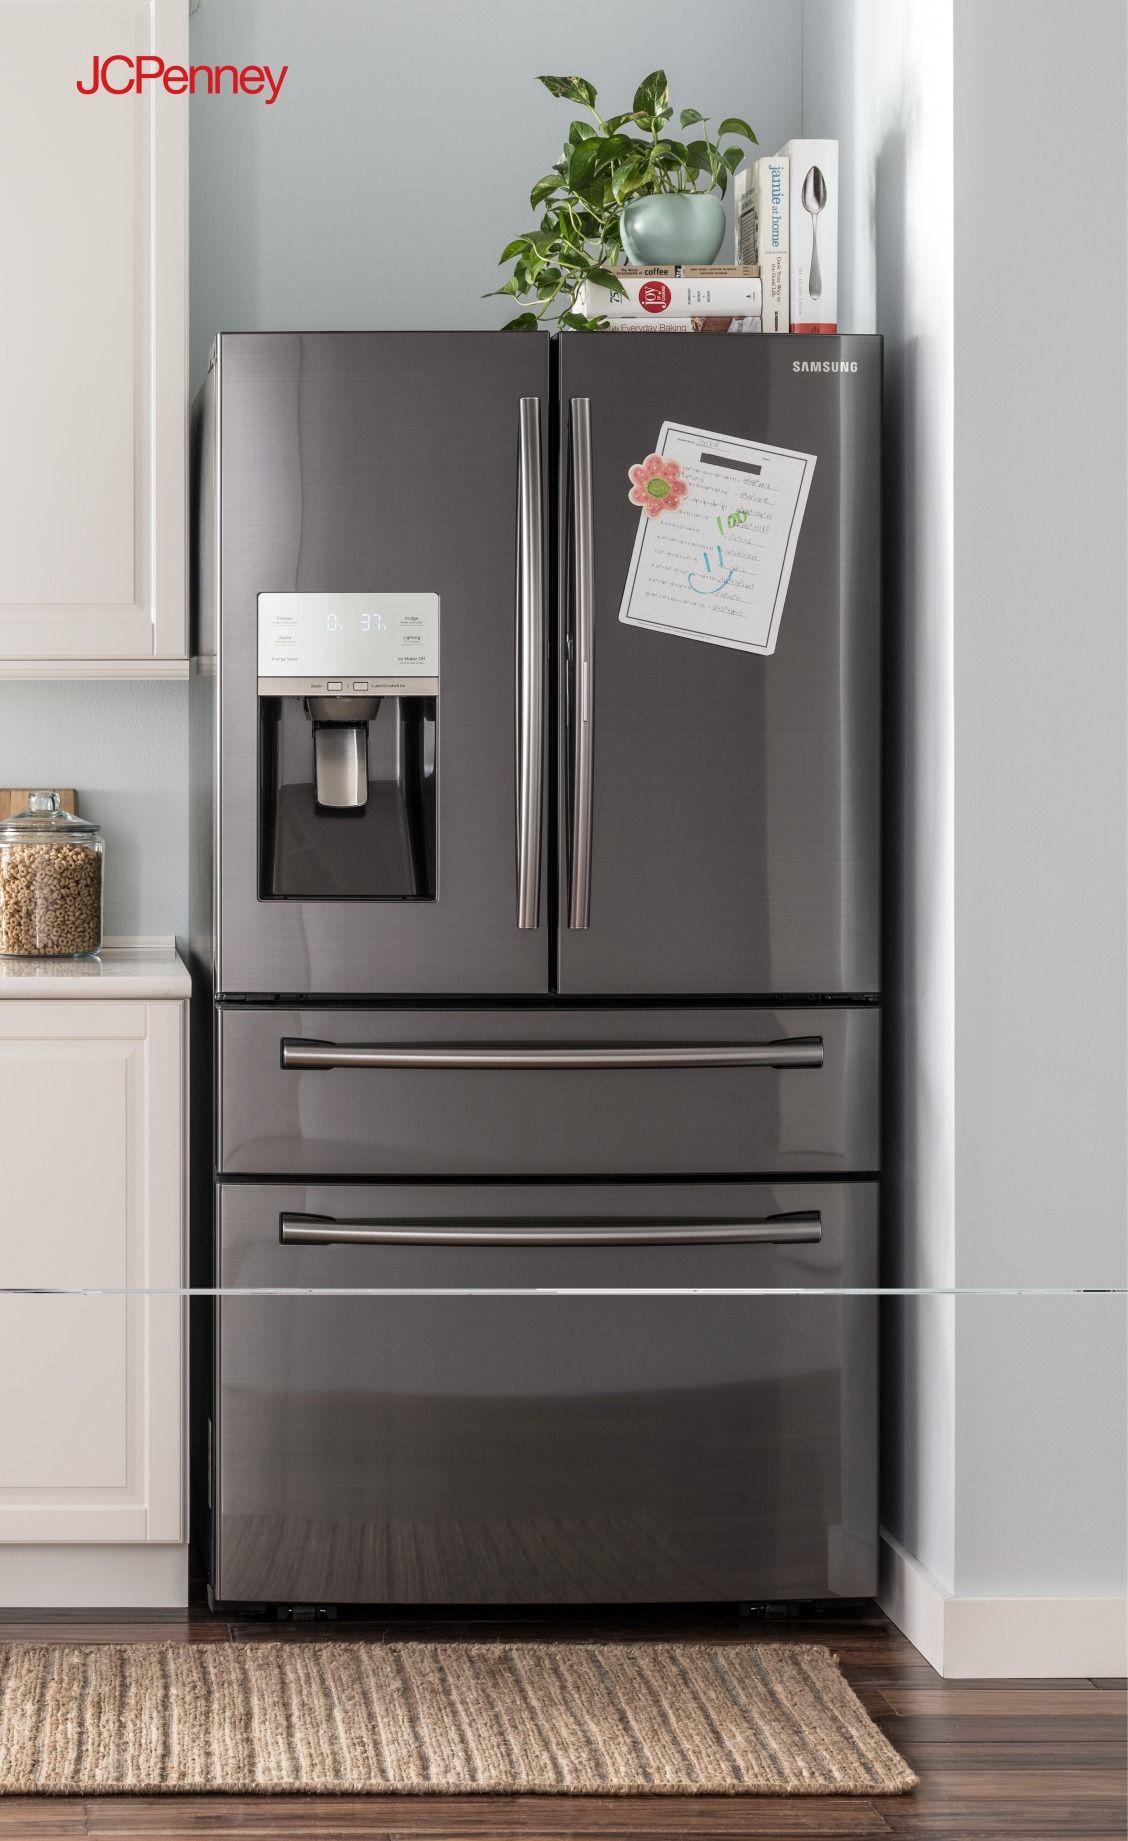 This Counter Depth Food Showcase Refrigerator From Samsung Is Designed To Improve The Way Kitchen Appliances Design Best Kitchen Designs Modern Outdoor Kitchen